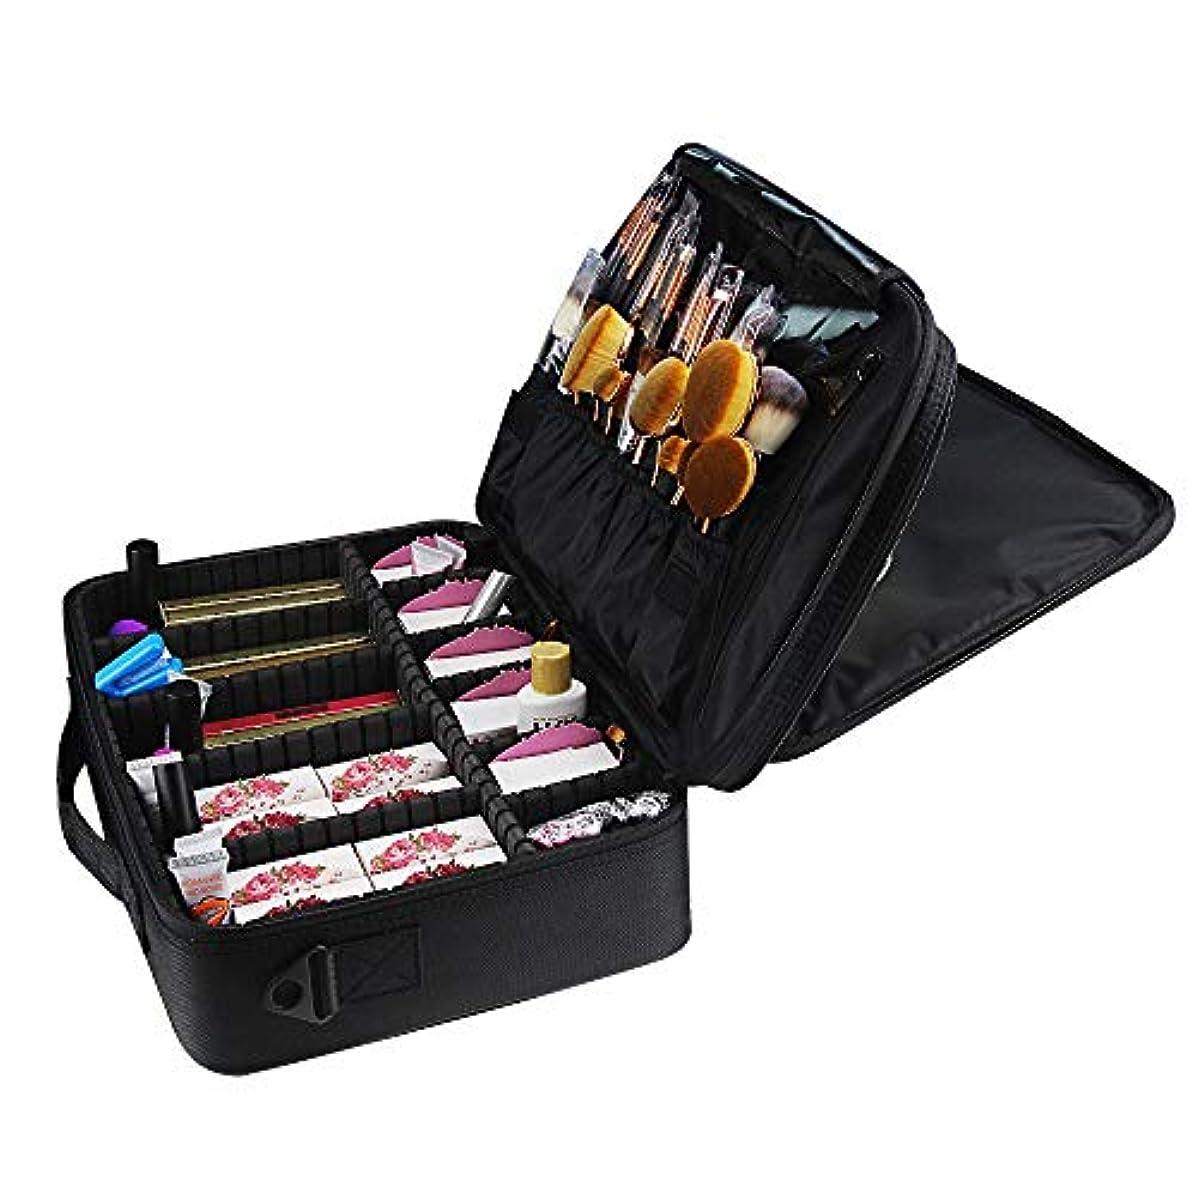 化粧オーガナイザーバッグ メイクアップトラベルバッグストレージバッグ防水ミニメイクアップケース旅行旅行のための 化粧品ケース (色 : ブラック)